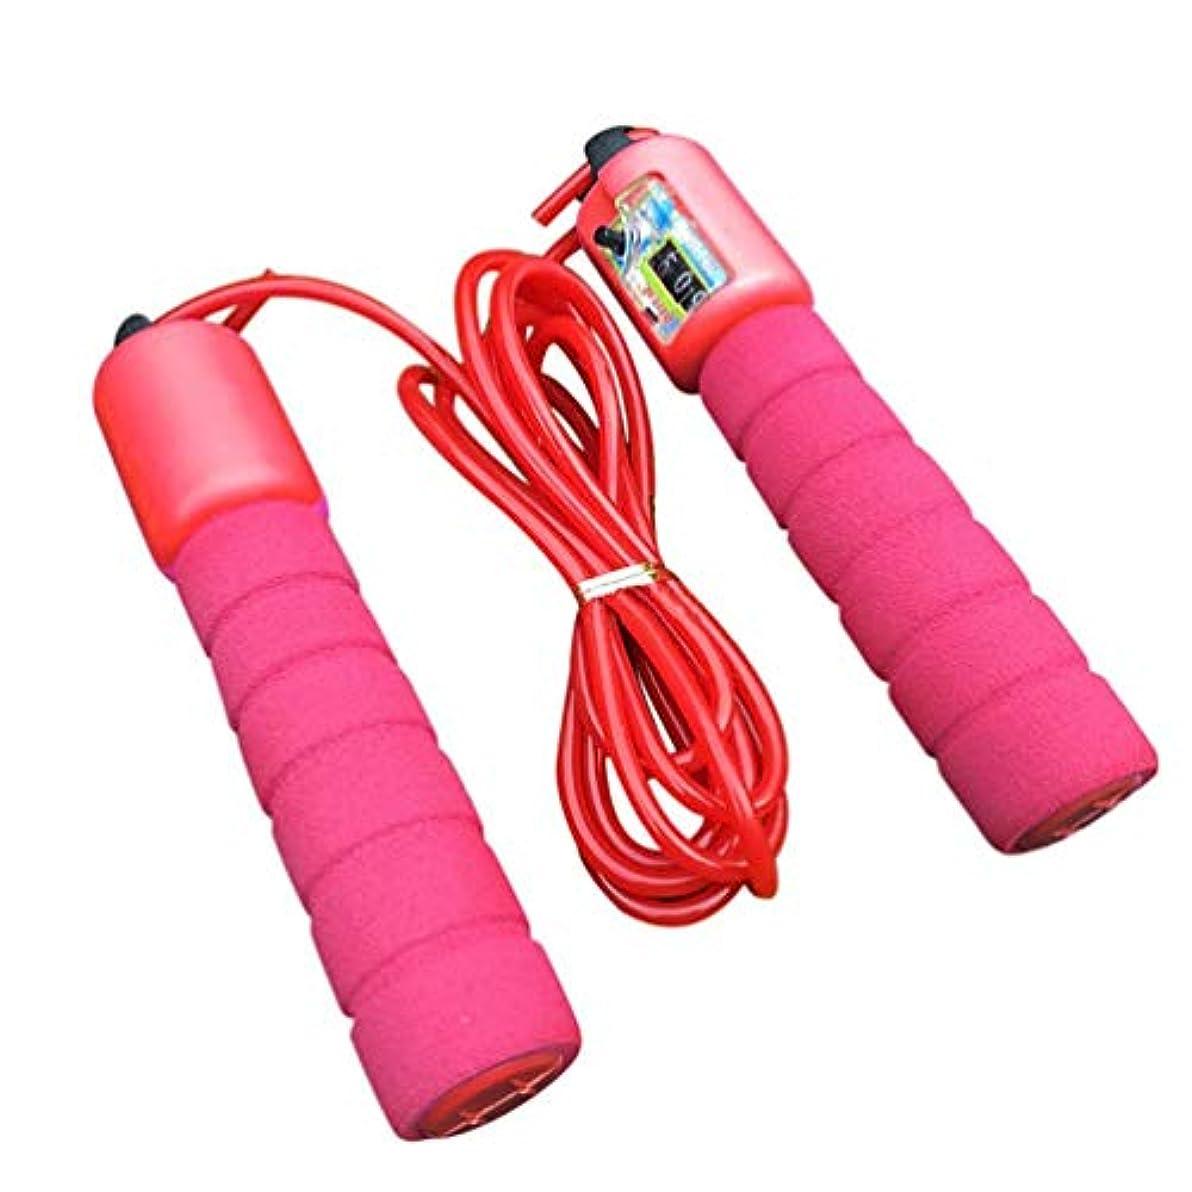 アソシエイトサスペンド明確に調整可能なプロフェッショナルカウント縄跳び自動カウントジャンプロープフィットネス運動高速カウントジャンプロープ - 赤